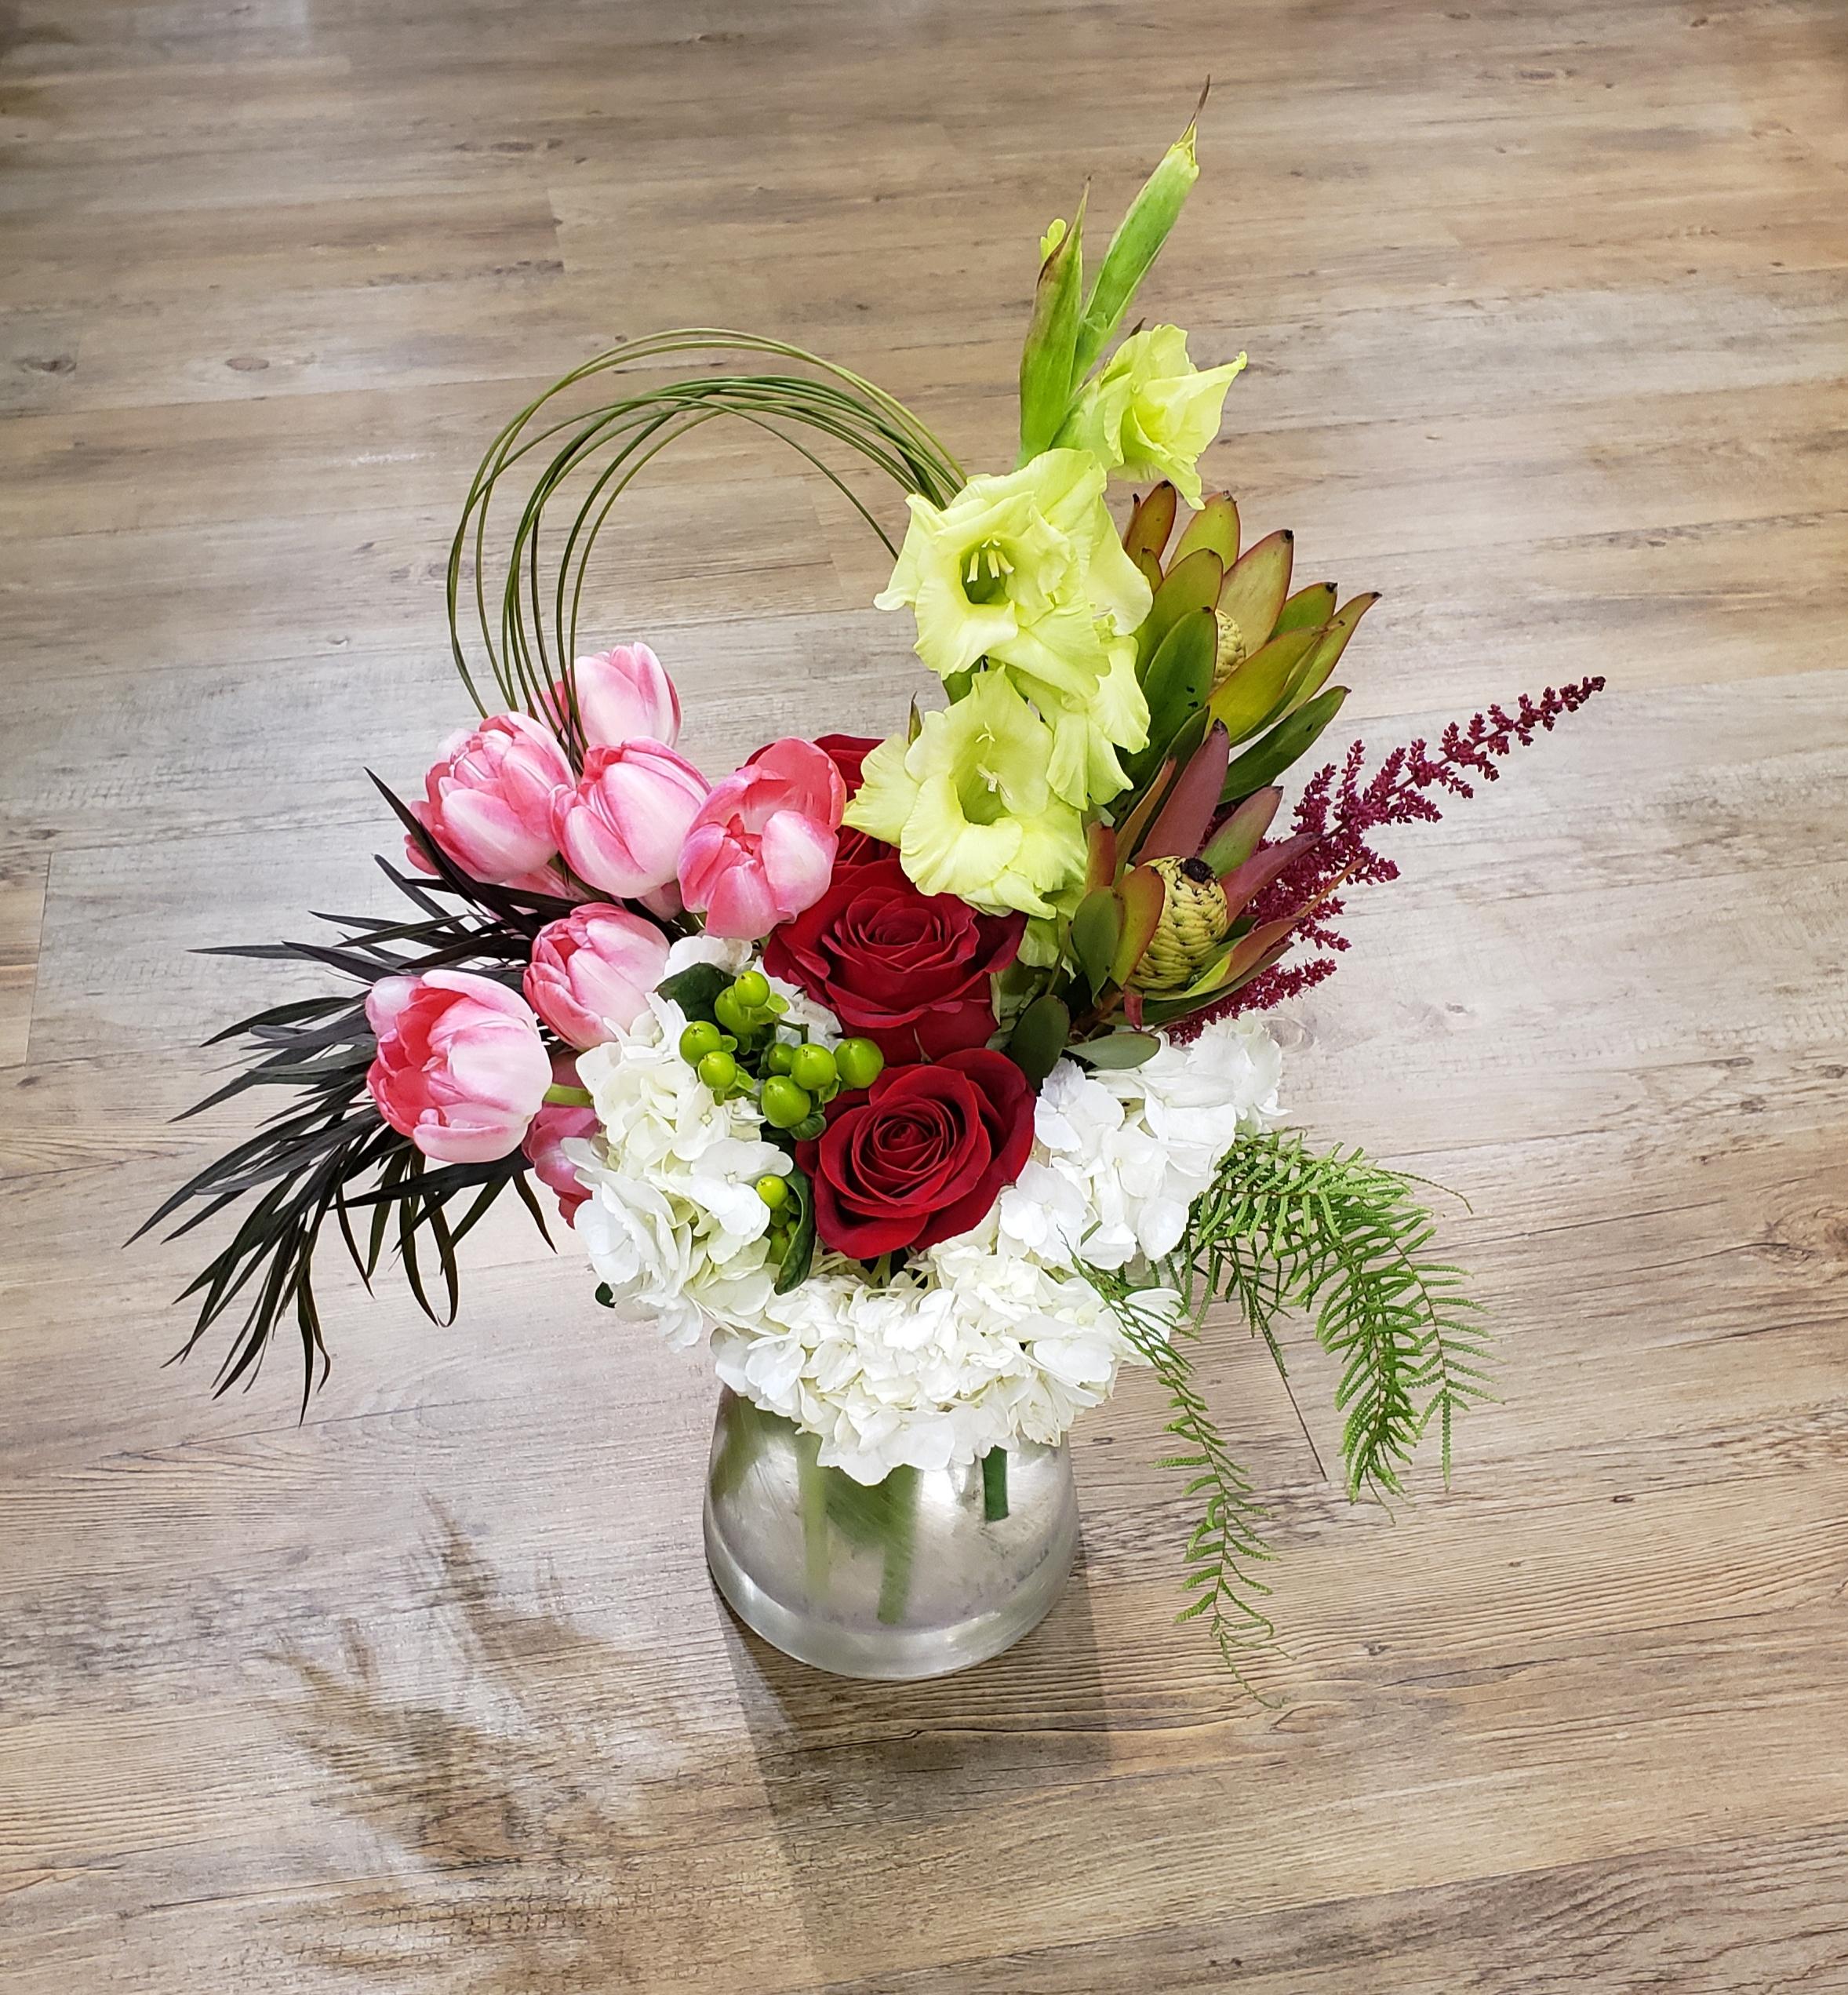 rose and tulip arrangement.jpg